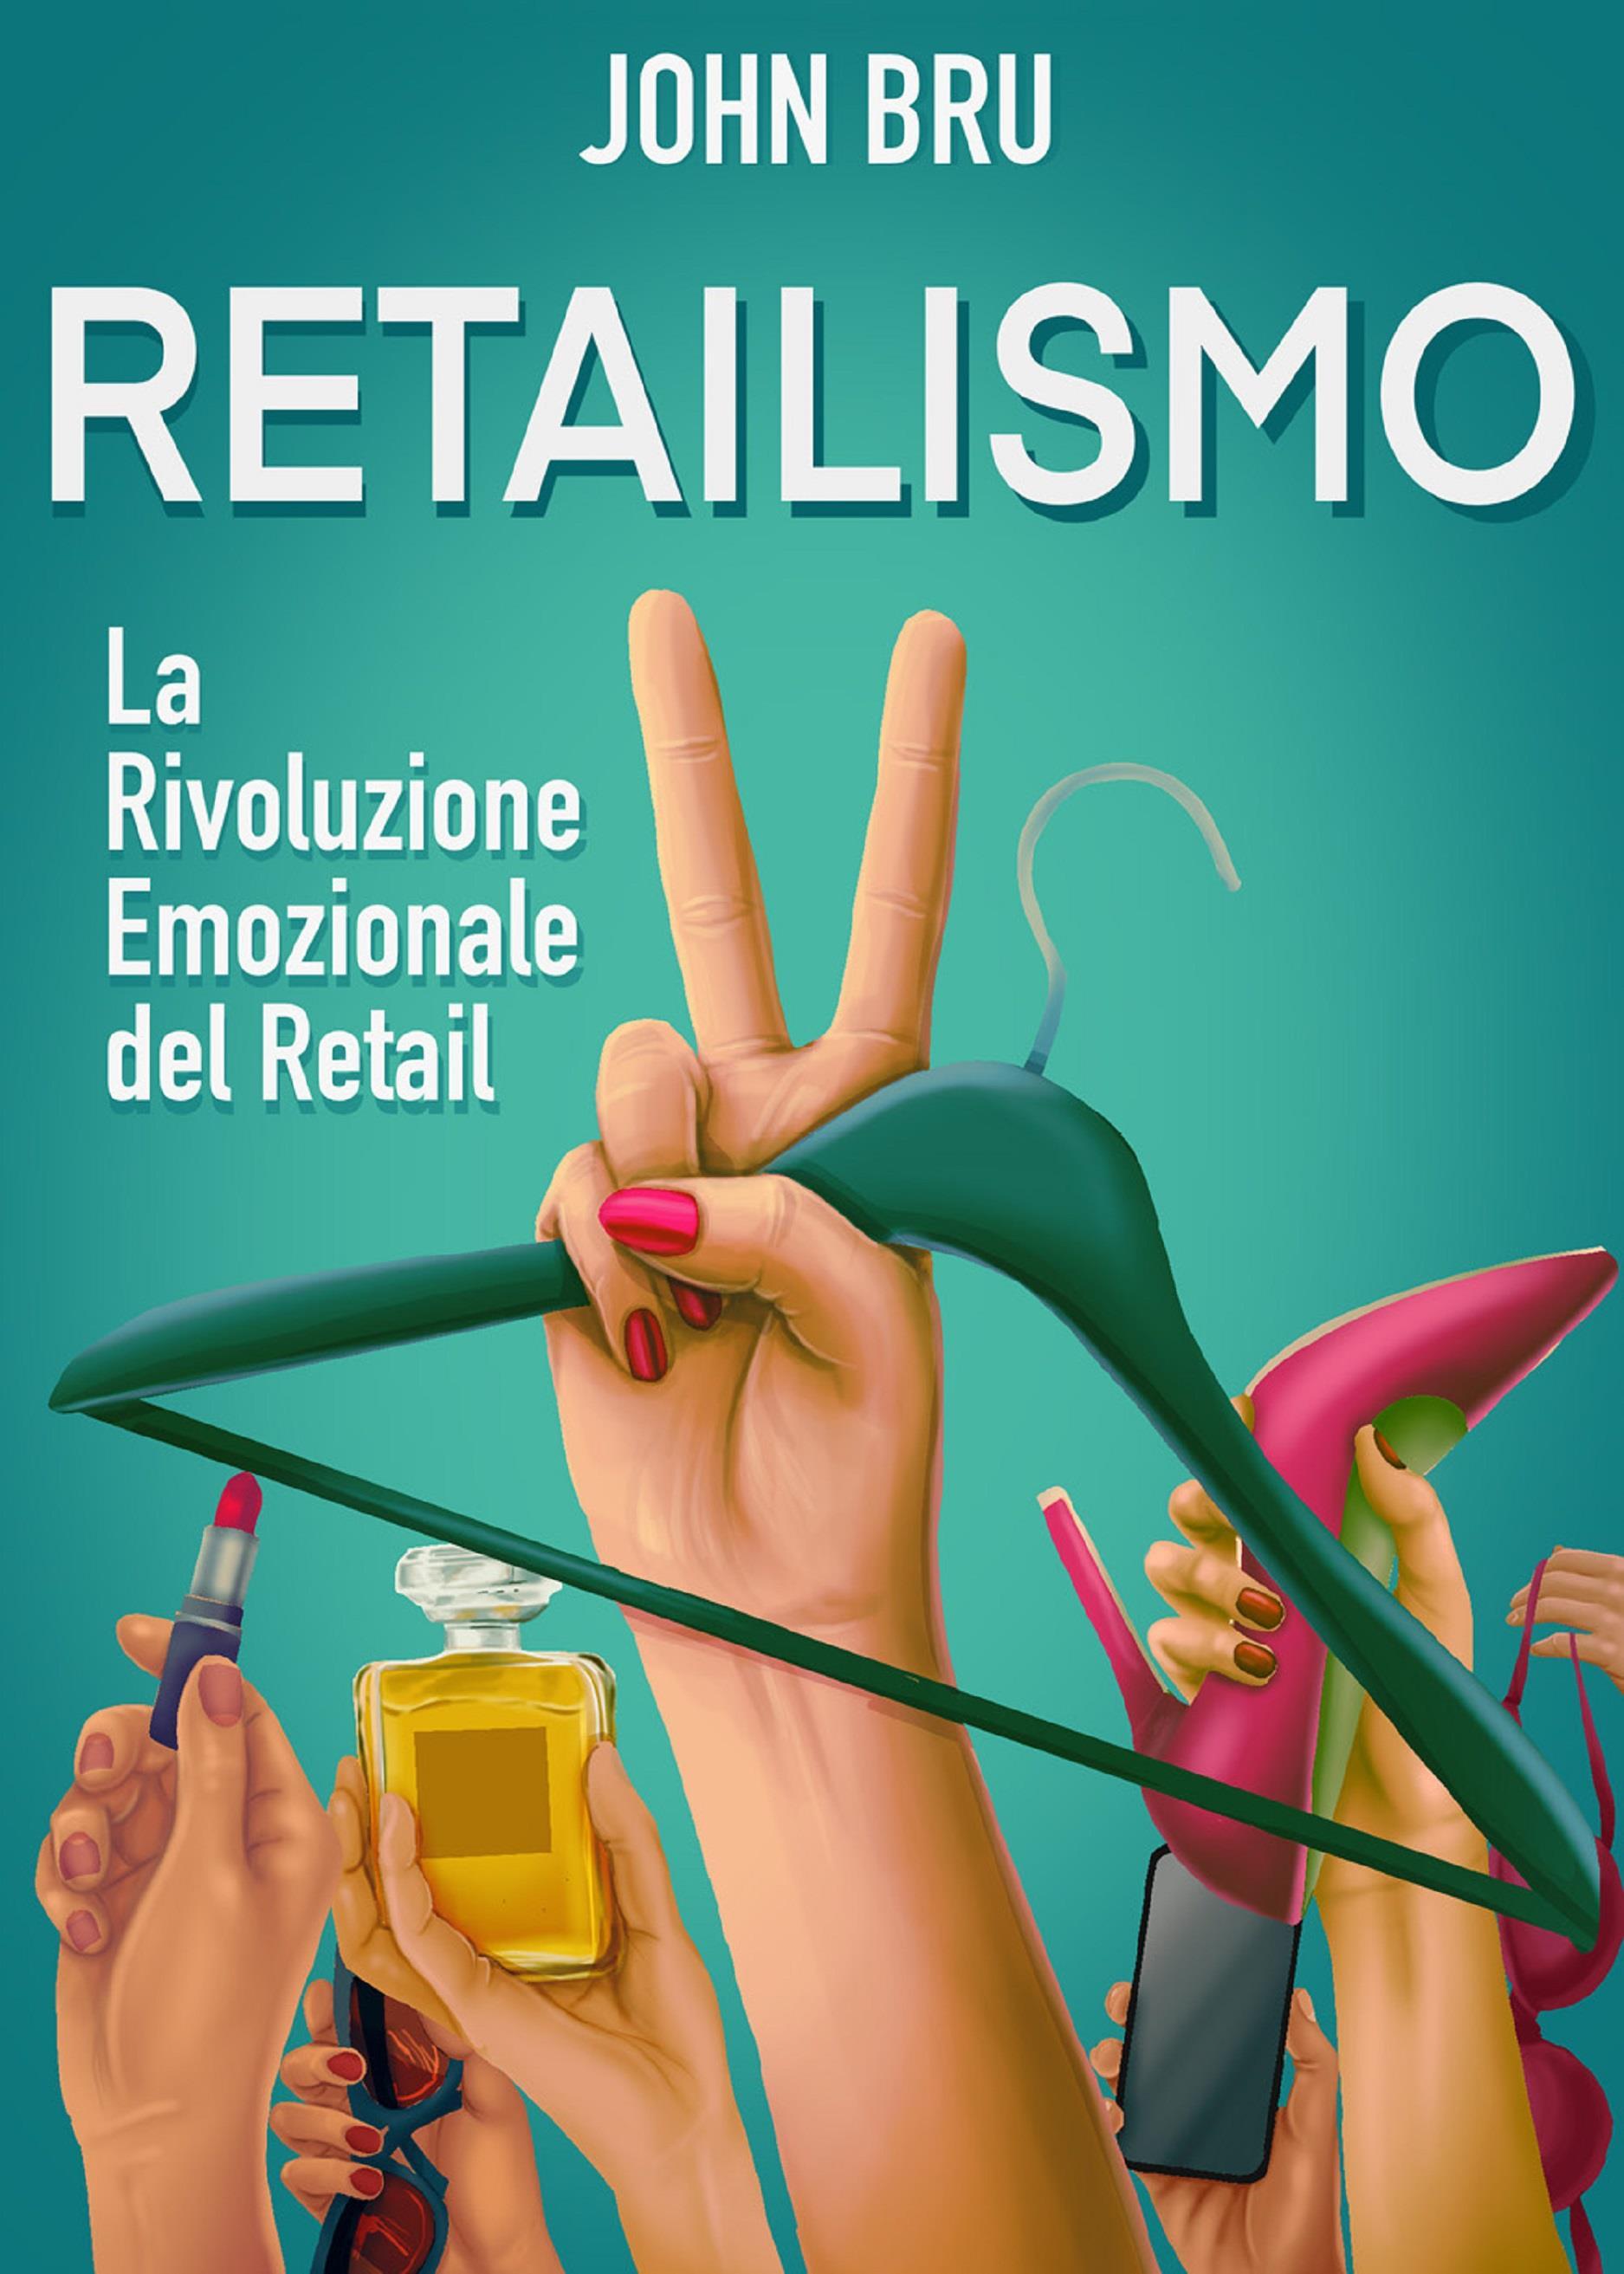 Retailismo